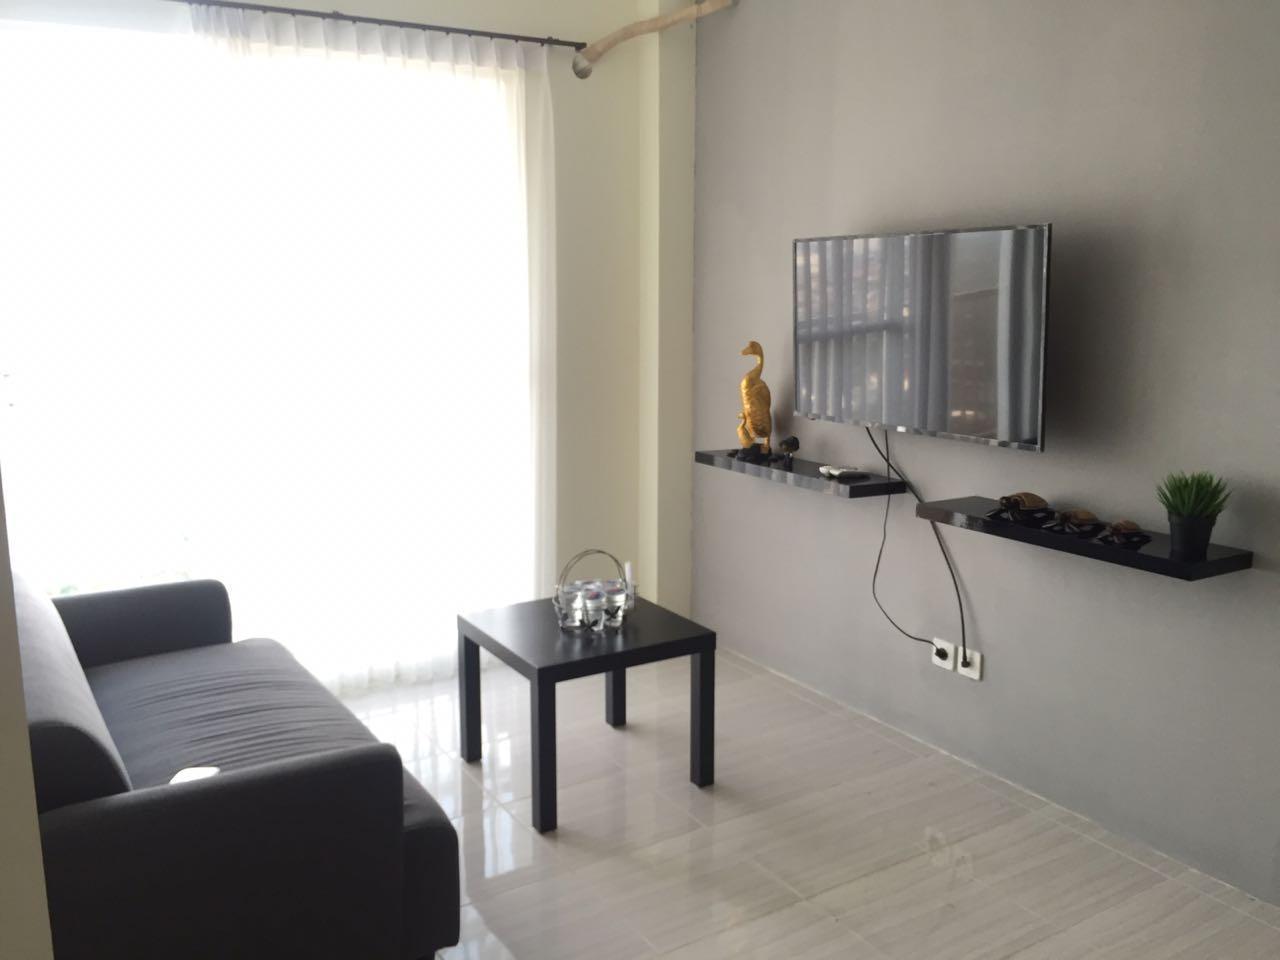 Discount 2 cozy bedroom apartement merr for rent